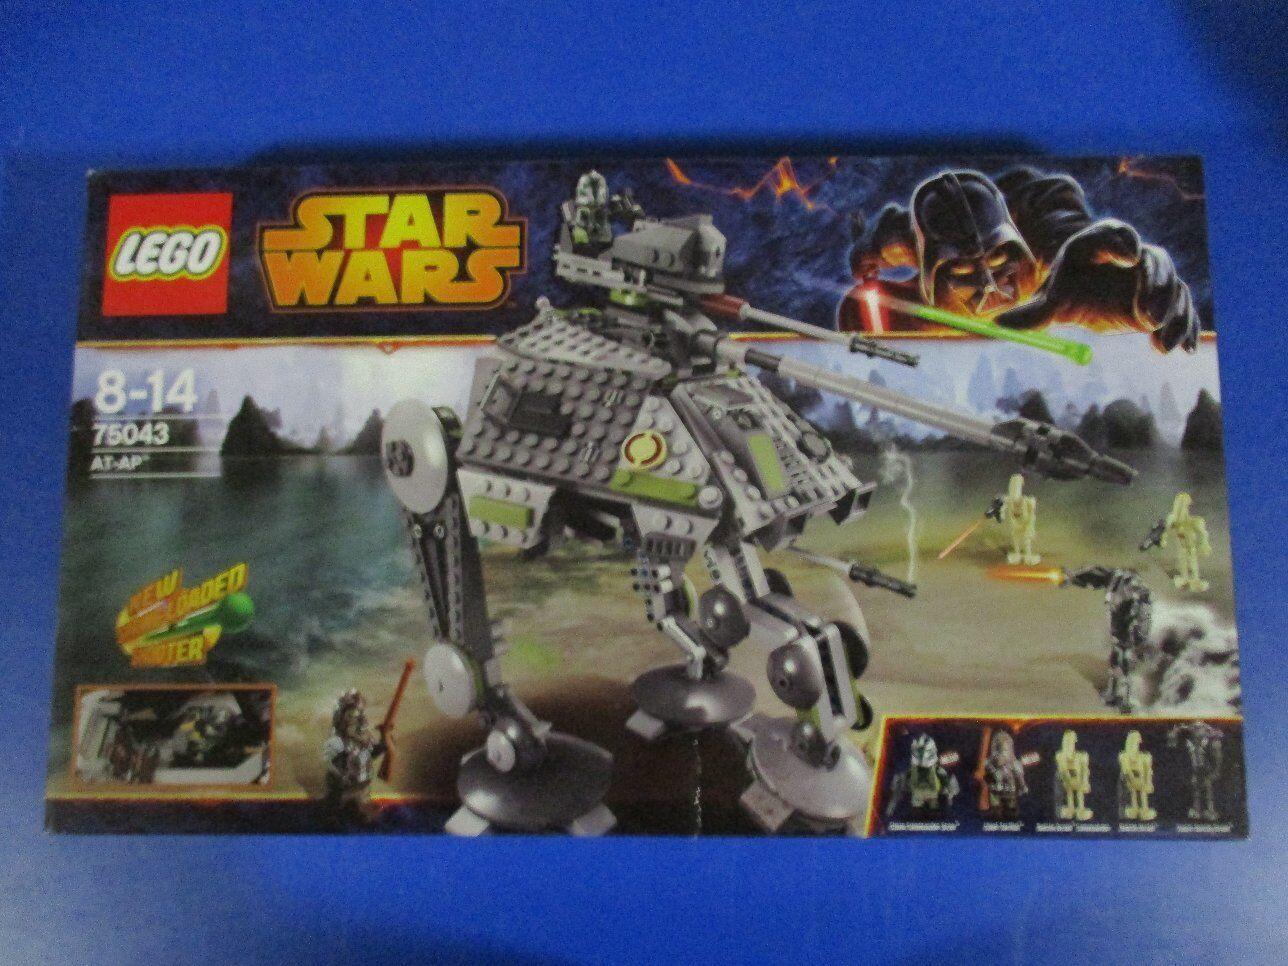 Lego  Star Wars 75043 AT-AP Neuf neuf dans sa boîte  jusqu'à 34% de réduction sur tous les produits